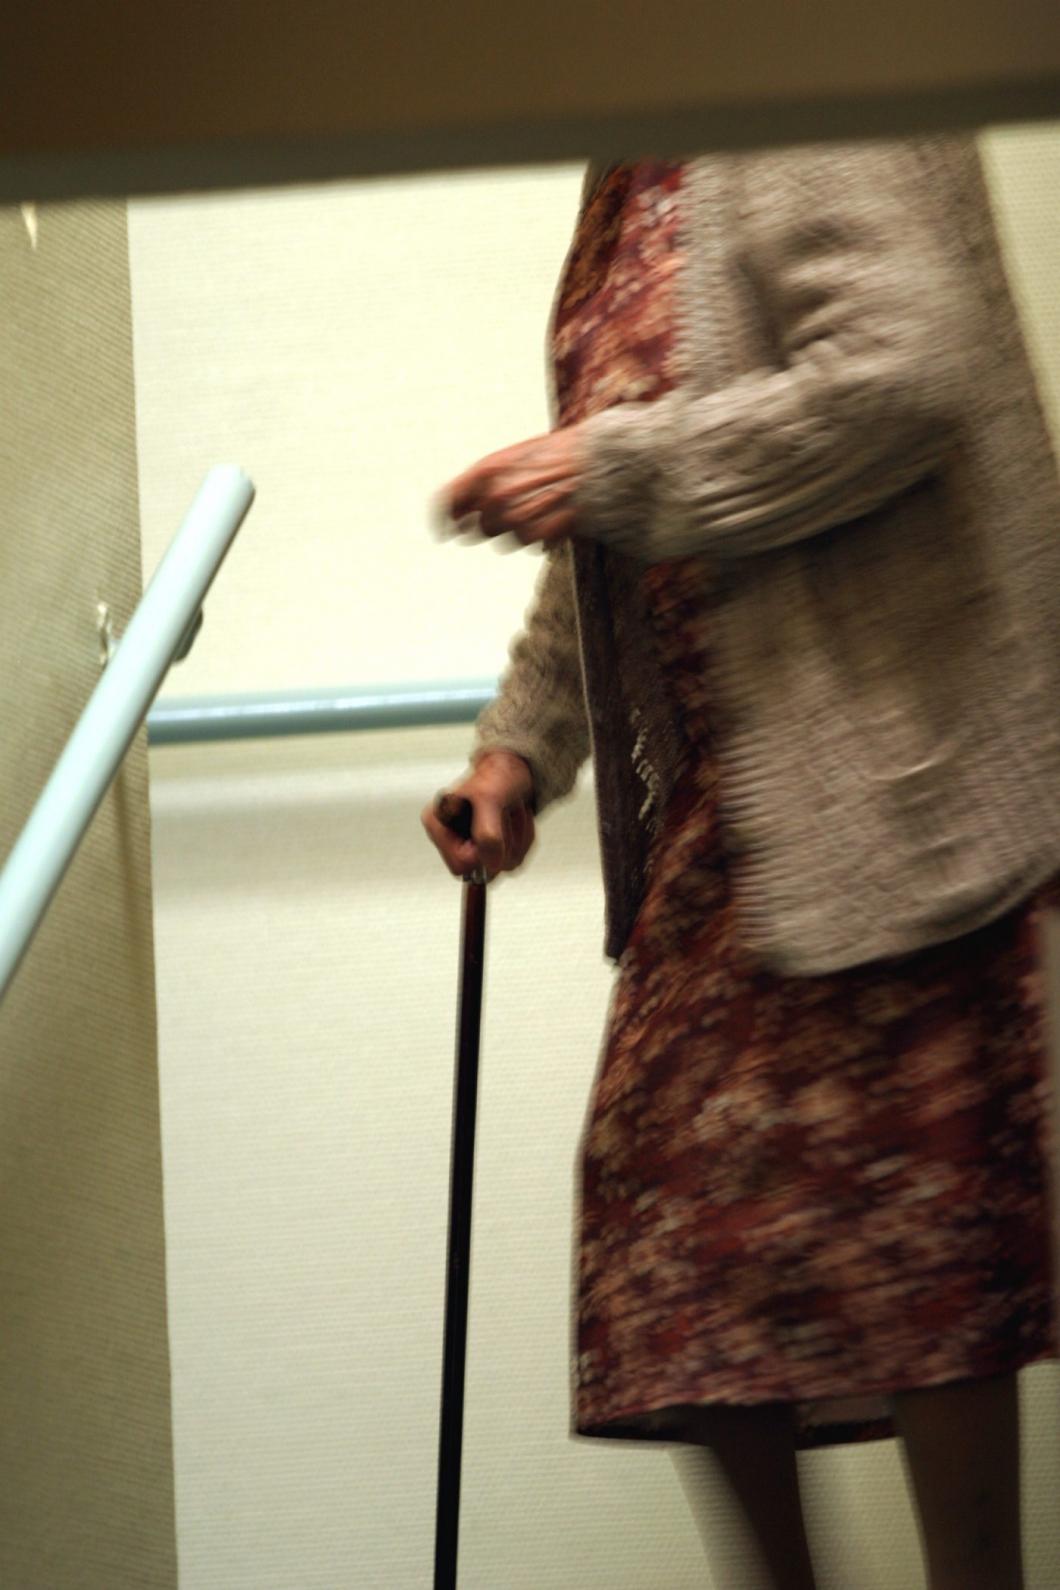 Ökad risk för höftfraktur hos kvinnor med svåra värmevallningar